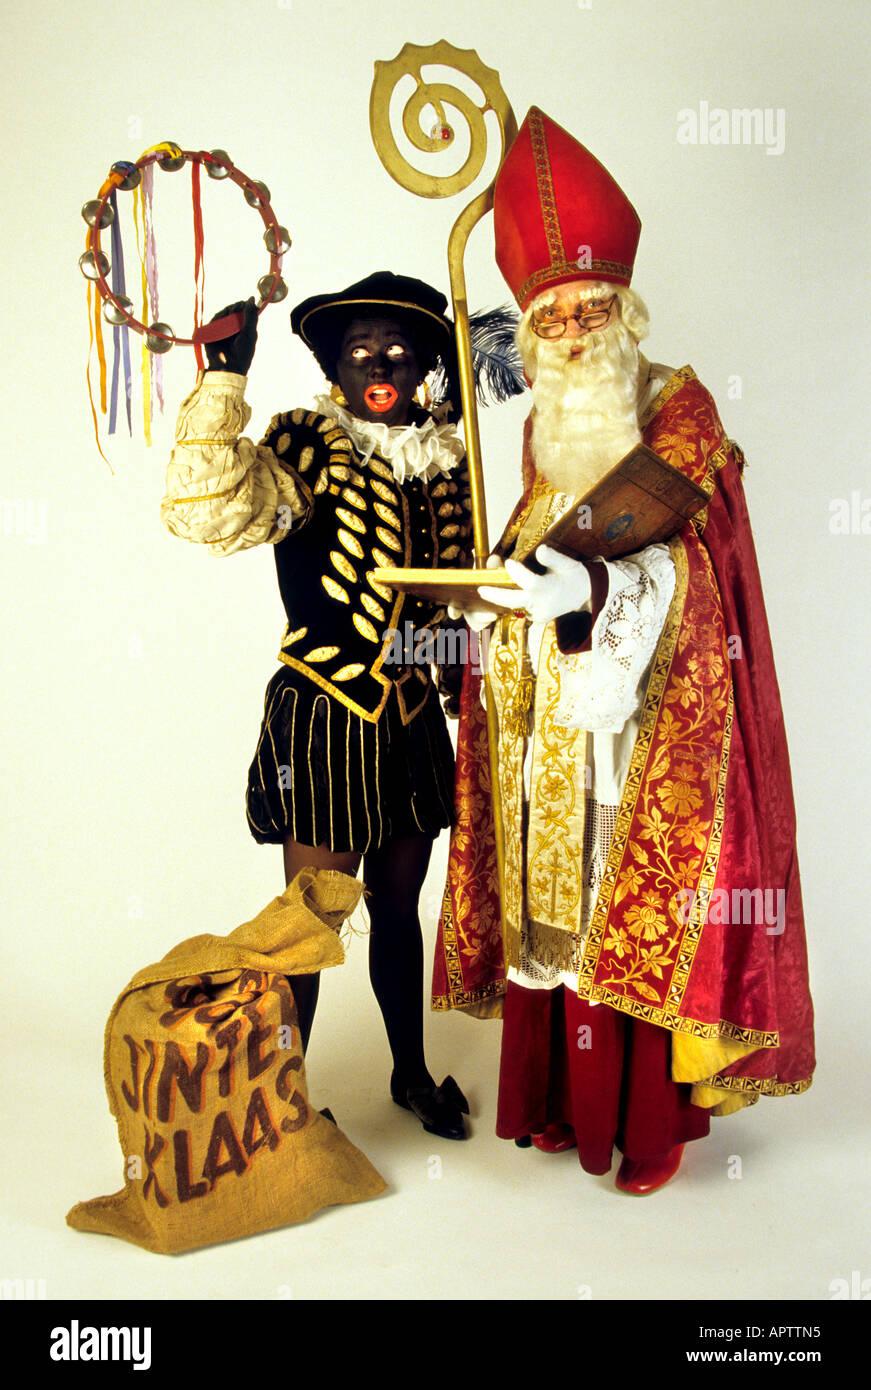 sinterklaas und zwarte piet 5 dec niederl ndisch vater weihnachten niederlande stockfoto bild. Black Bedroom Furniture Sets. Home Design Ideas